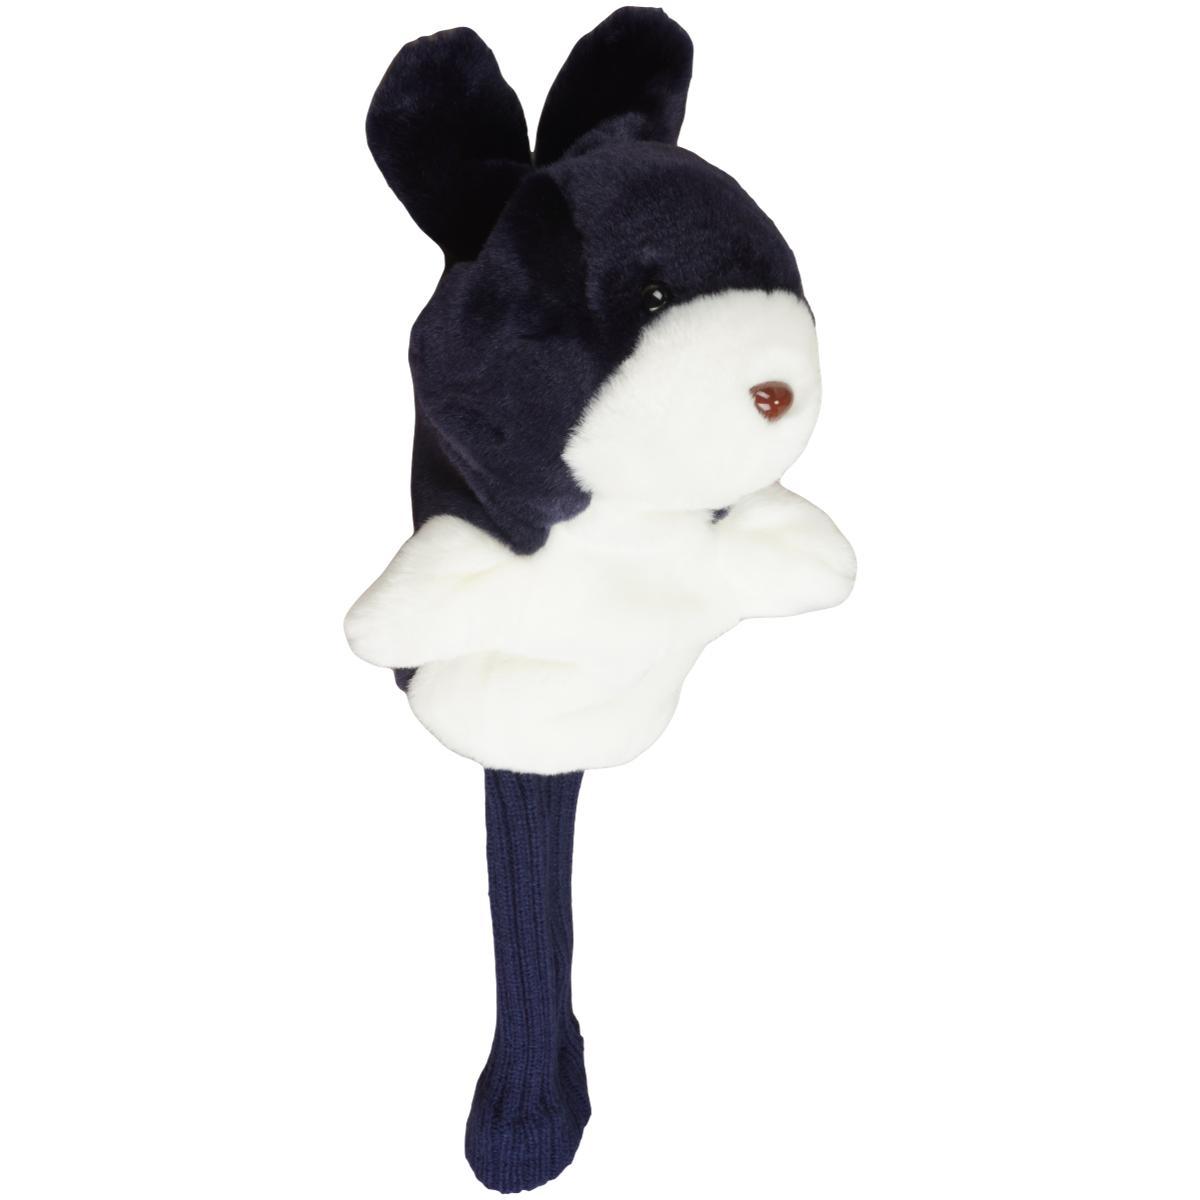 ウサギ ヘッドカバー DR用